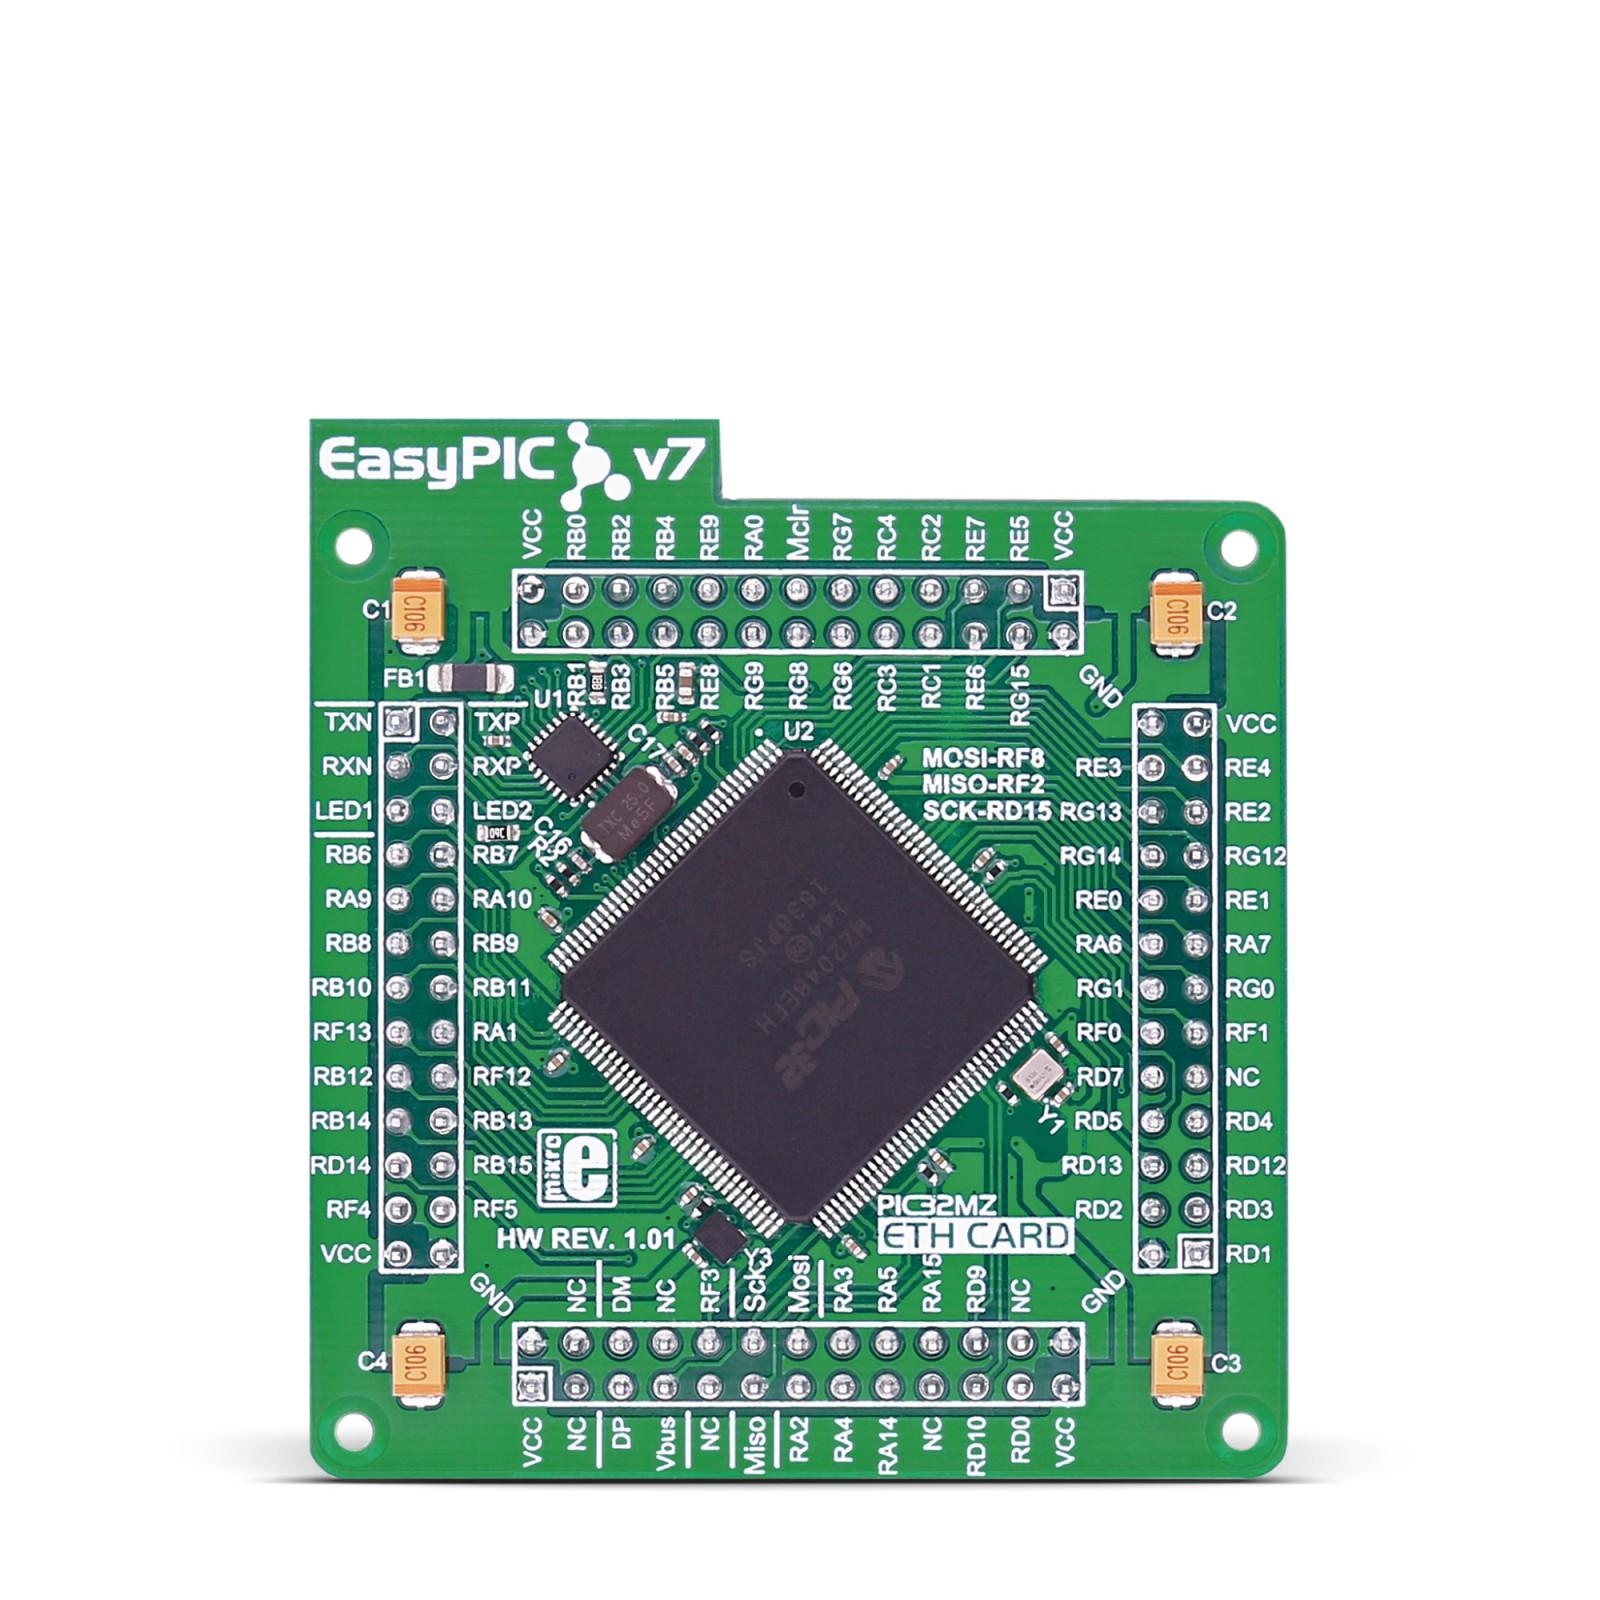 EasyPIC FUSION v7 ETH MCUcard | MikroElektronika